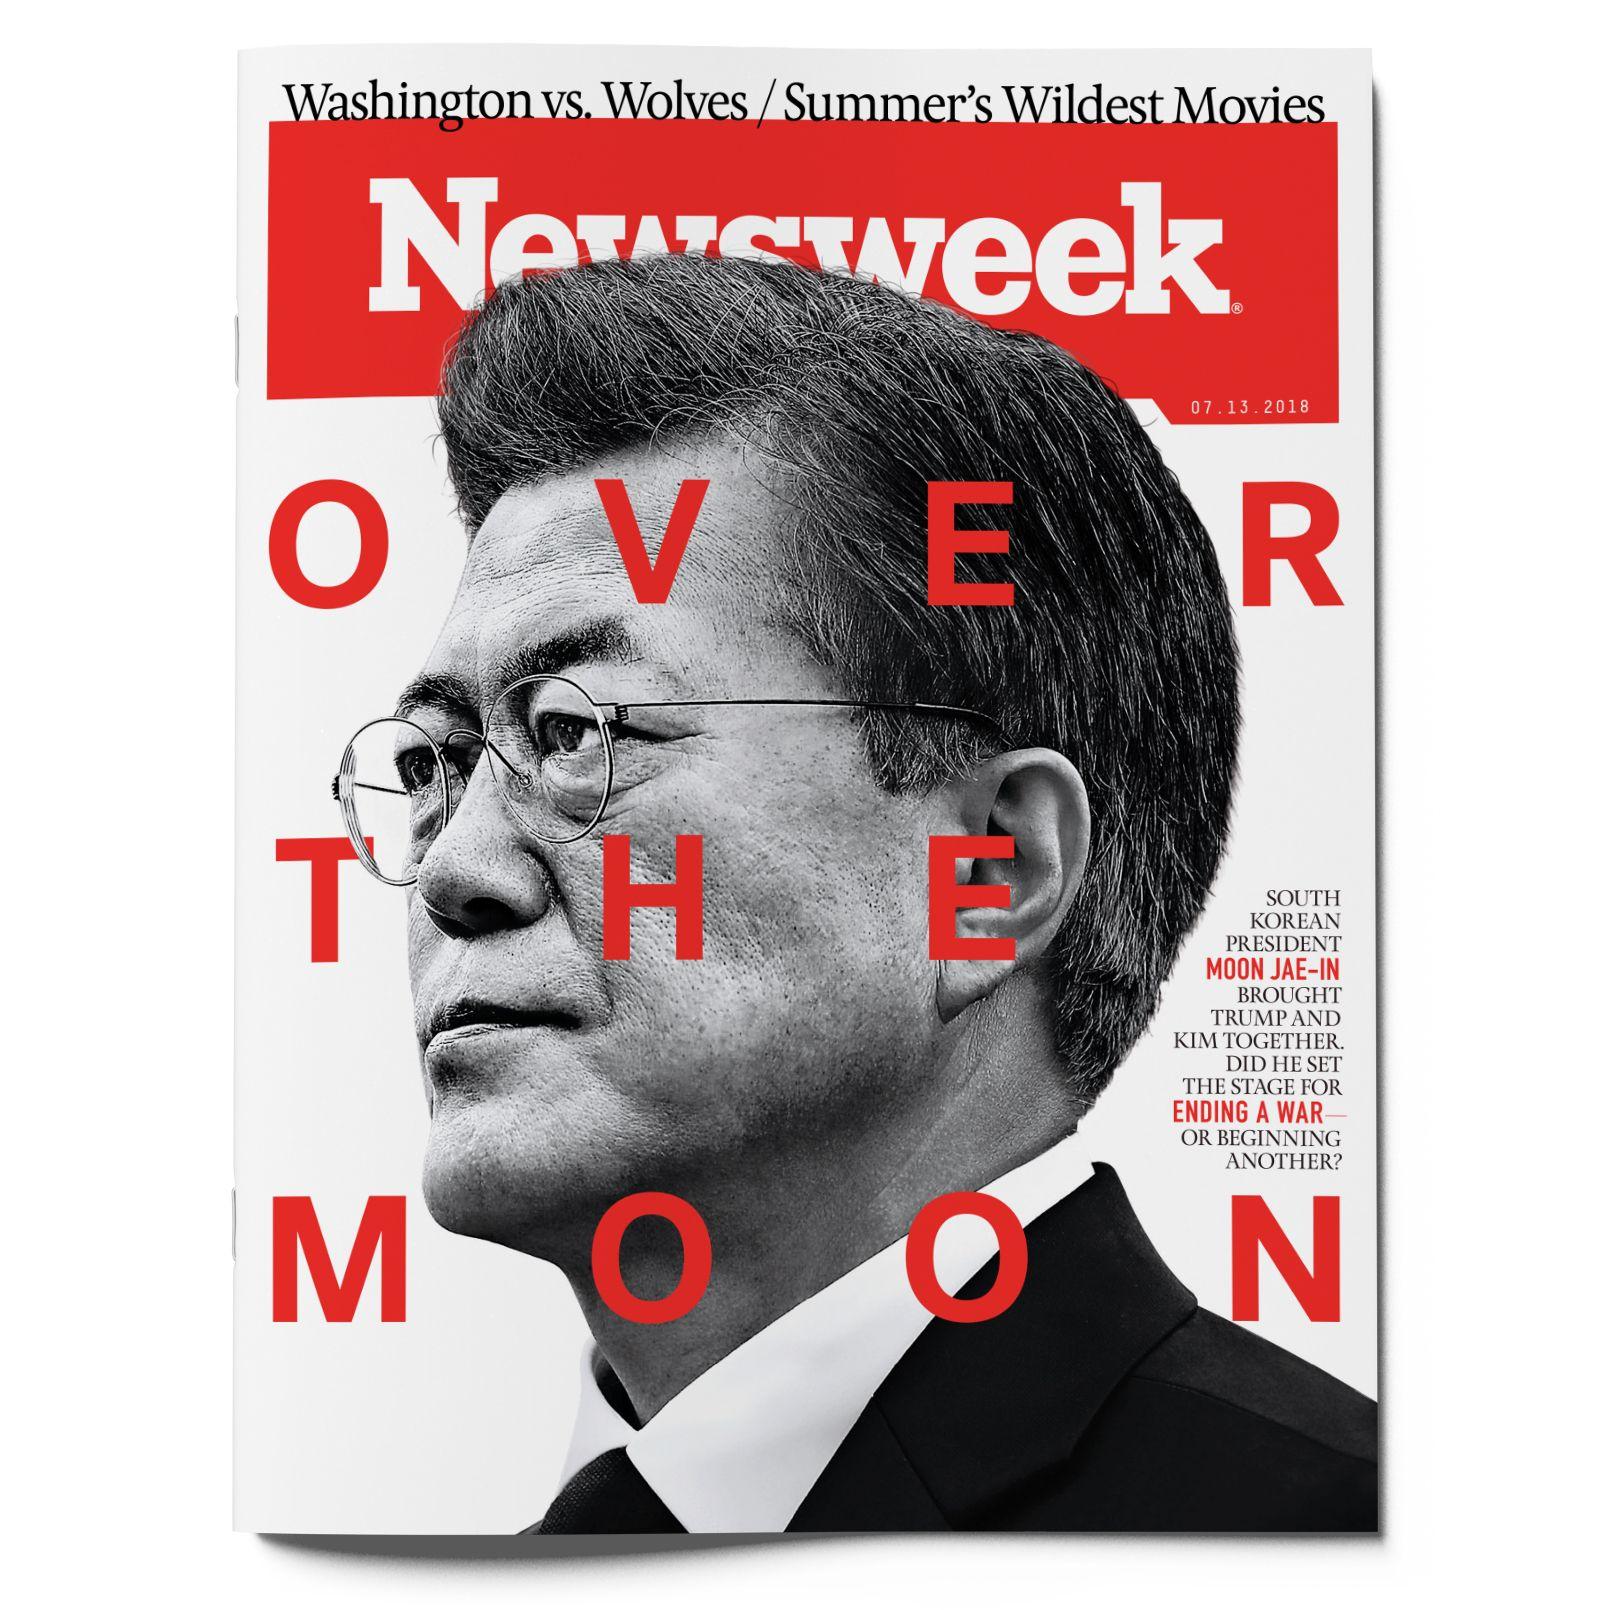 NW_Moon1 (1)